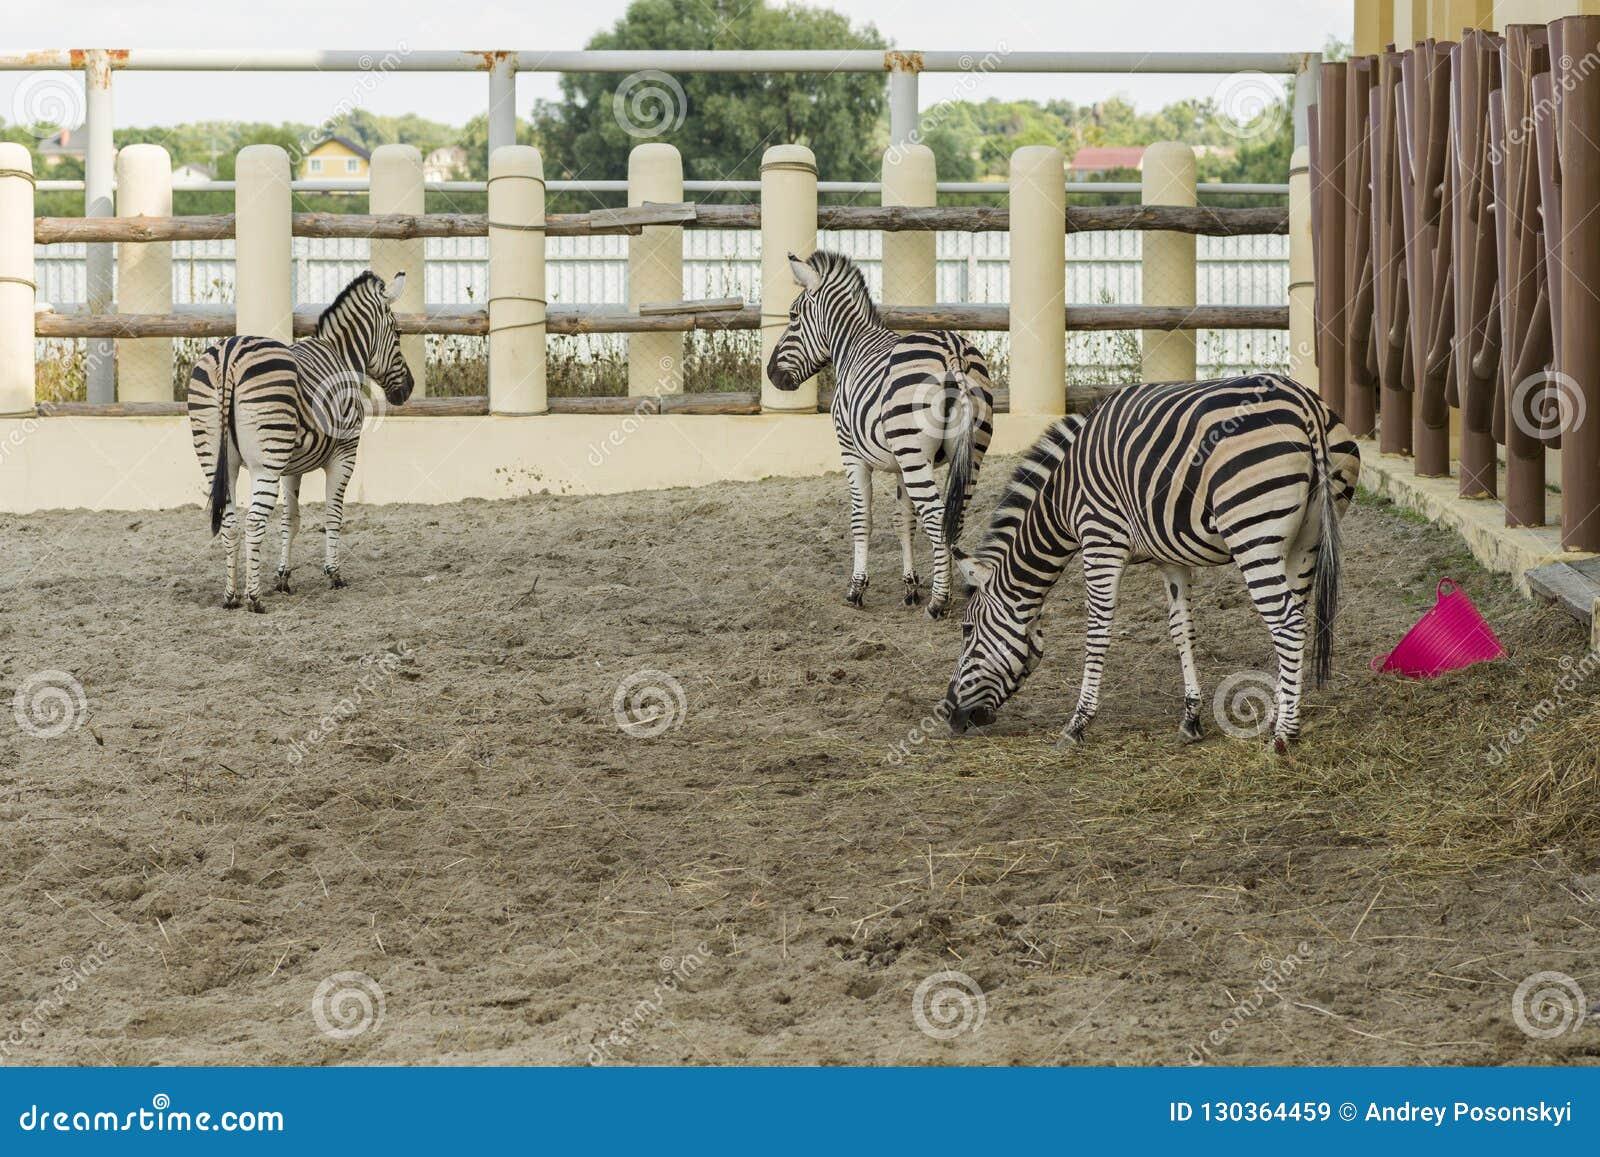 Африканские striped зебры в зоопарке